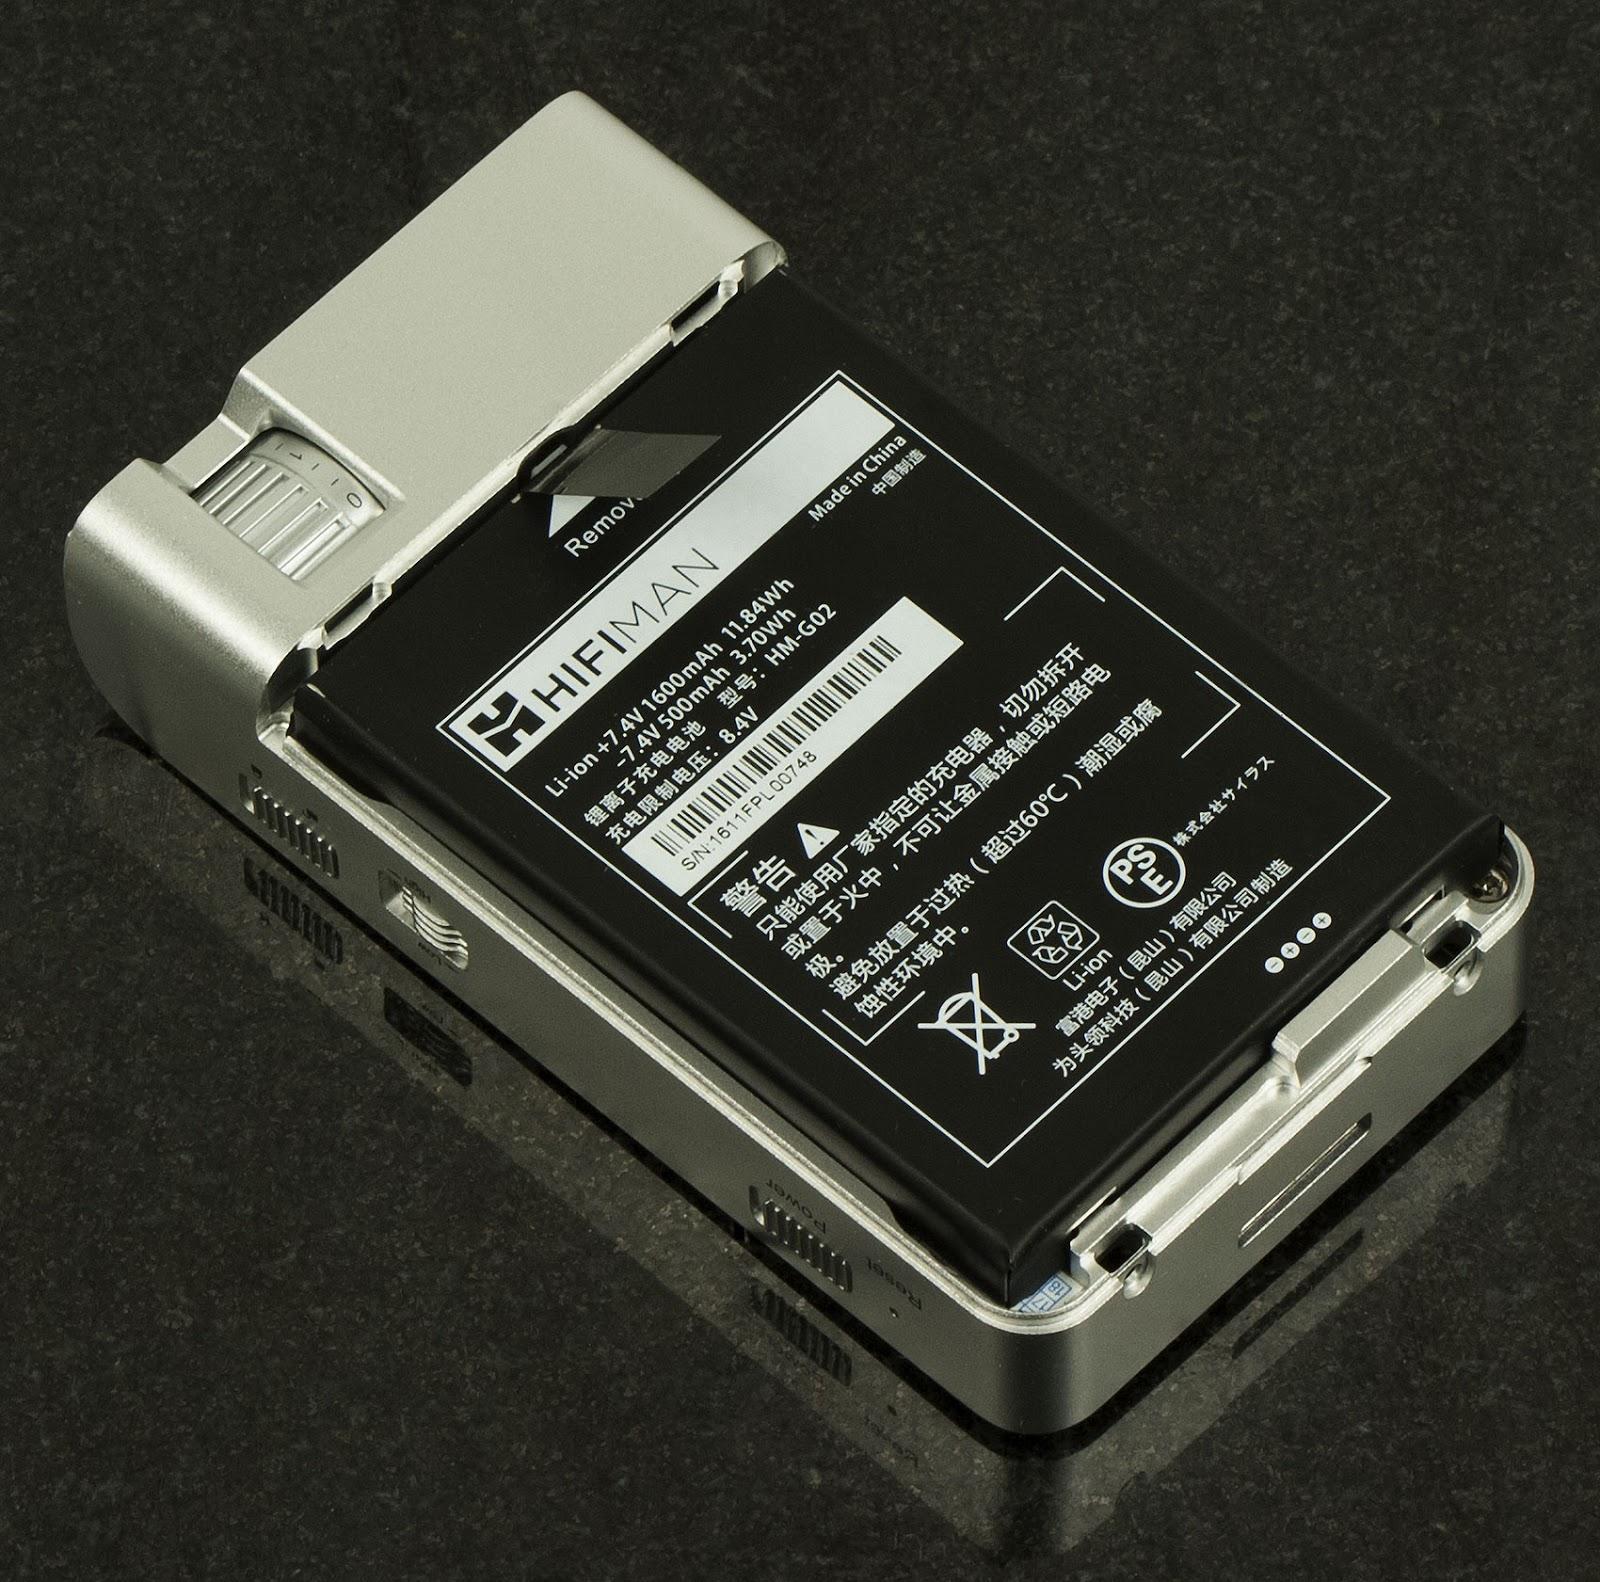 Обзор аудиоплеера HIFIMAN HM901U - 8